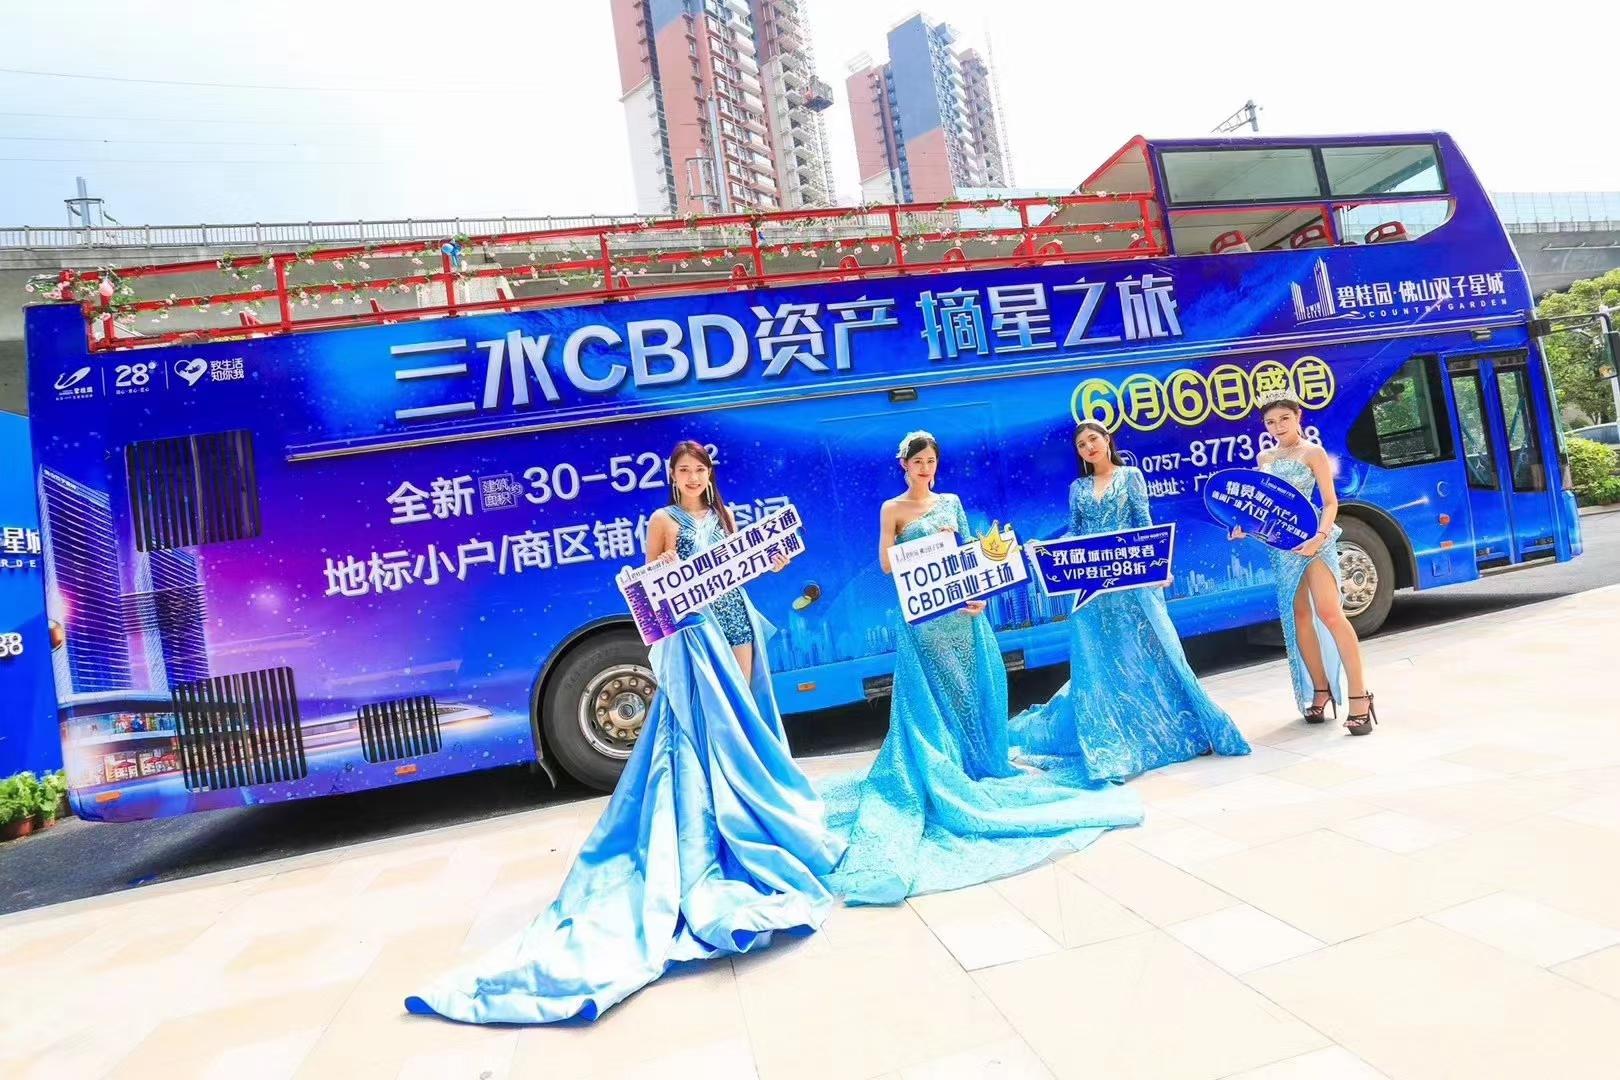 杭州双层敞篷巴士出租价格